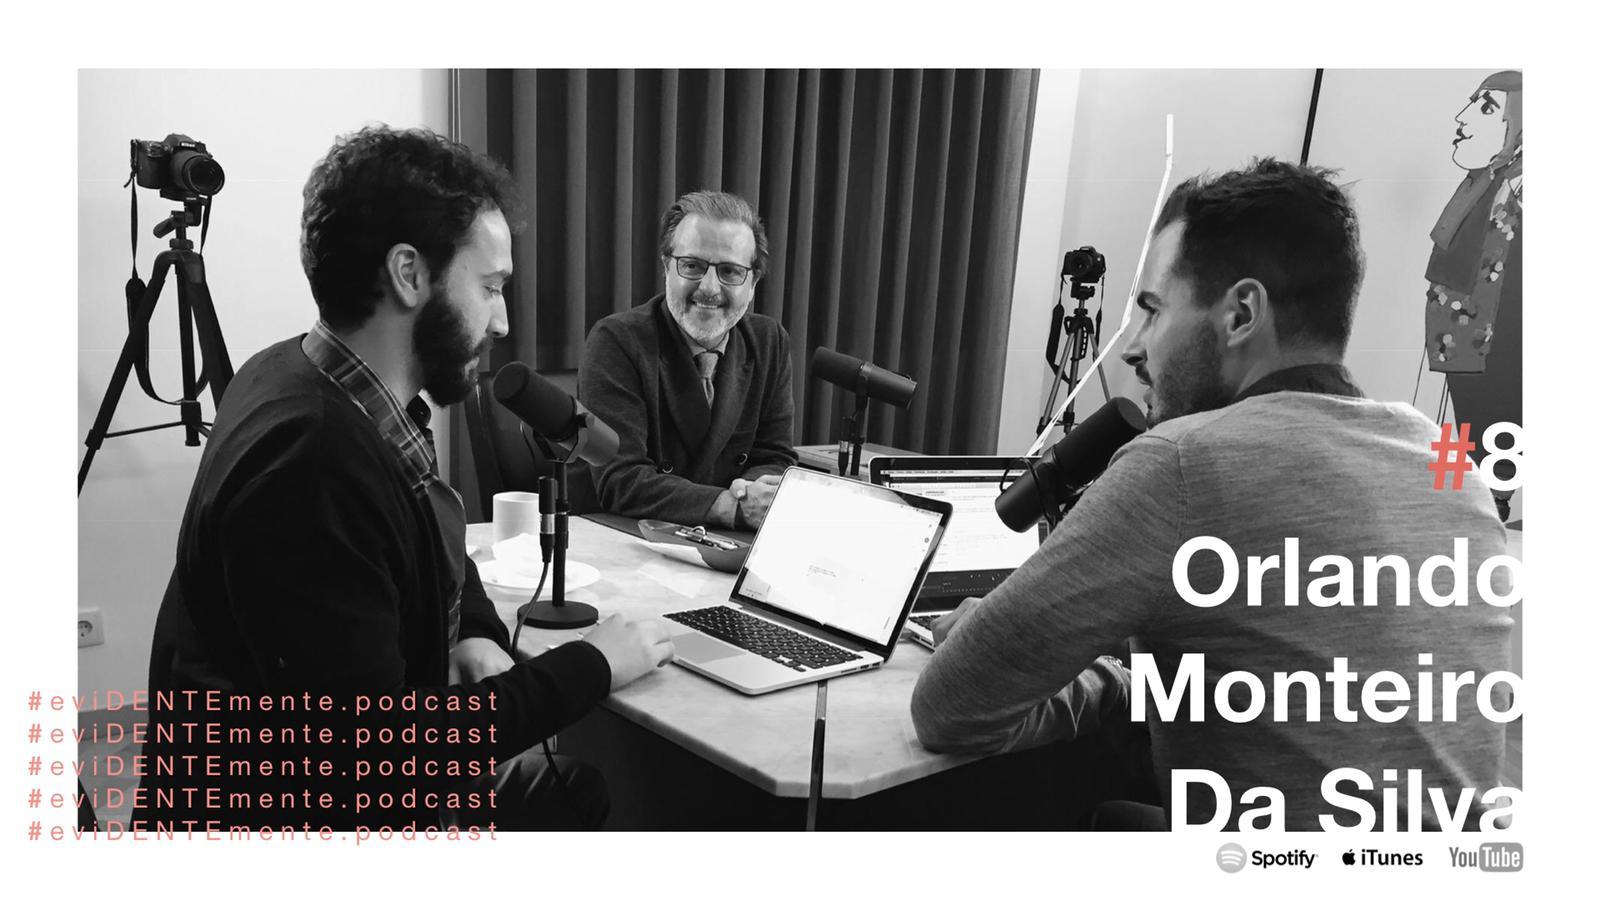 Imagem da notícia: episódio 8 – season 1 com Orlando Monteiro da Silva